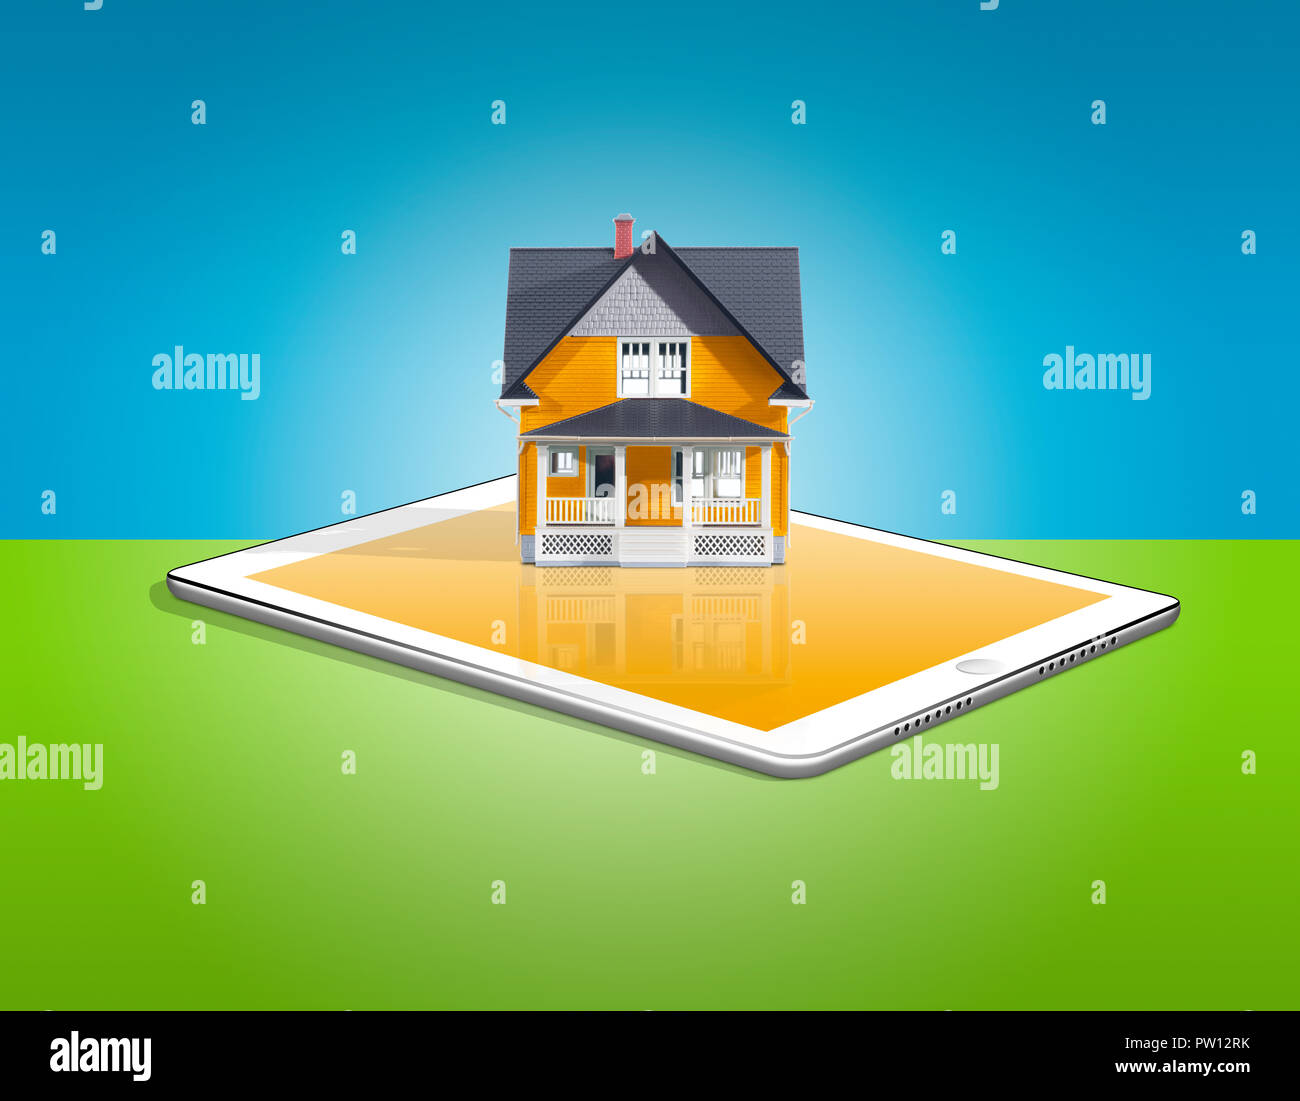 Konzept einer Orange House auf eine Tablette, Haus finden, Immobilien, Haus, Haus verkaufen, Finanz, Hypotheken, Apple iPad Stockbild